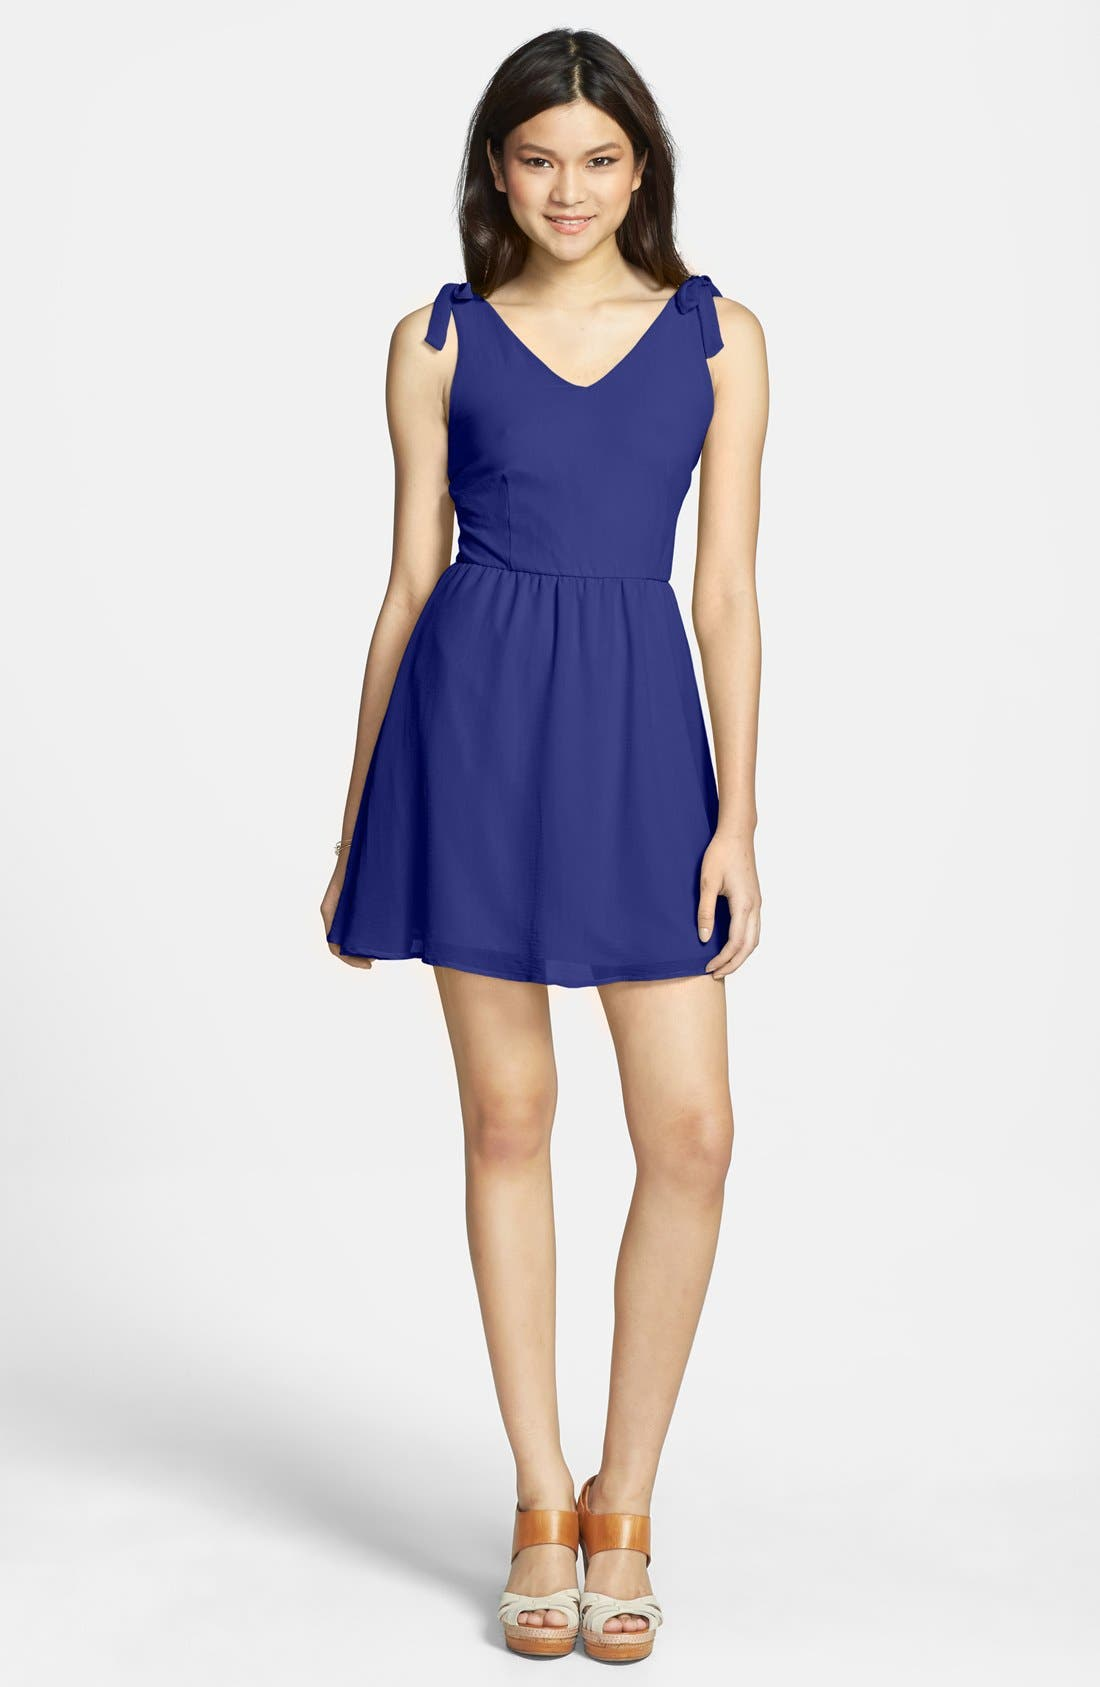 Alternate Image 1 Selected - dee elle Bow Detail V-Back Neon Dress (Juniors)